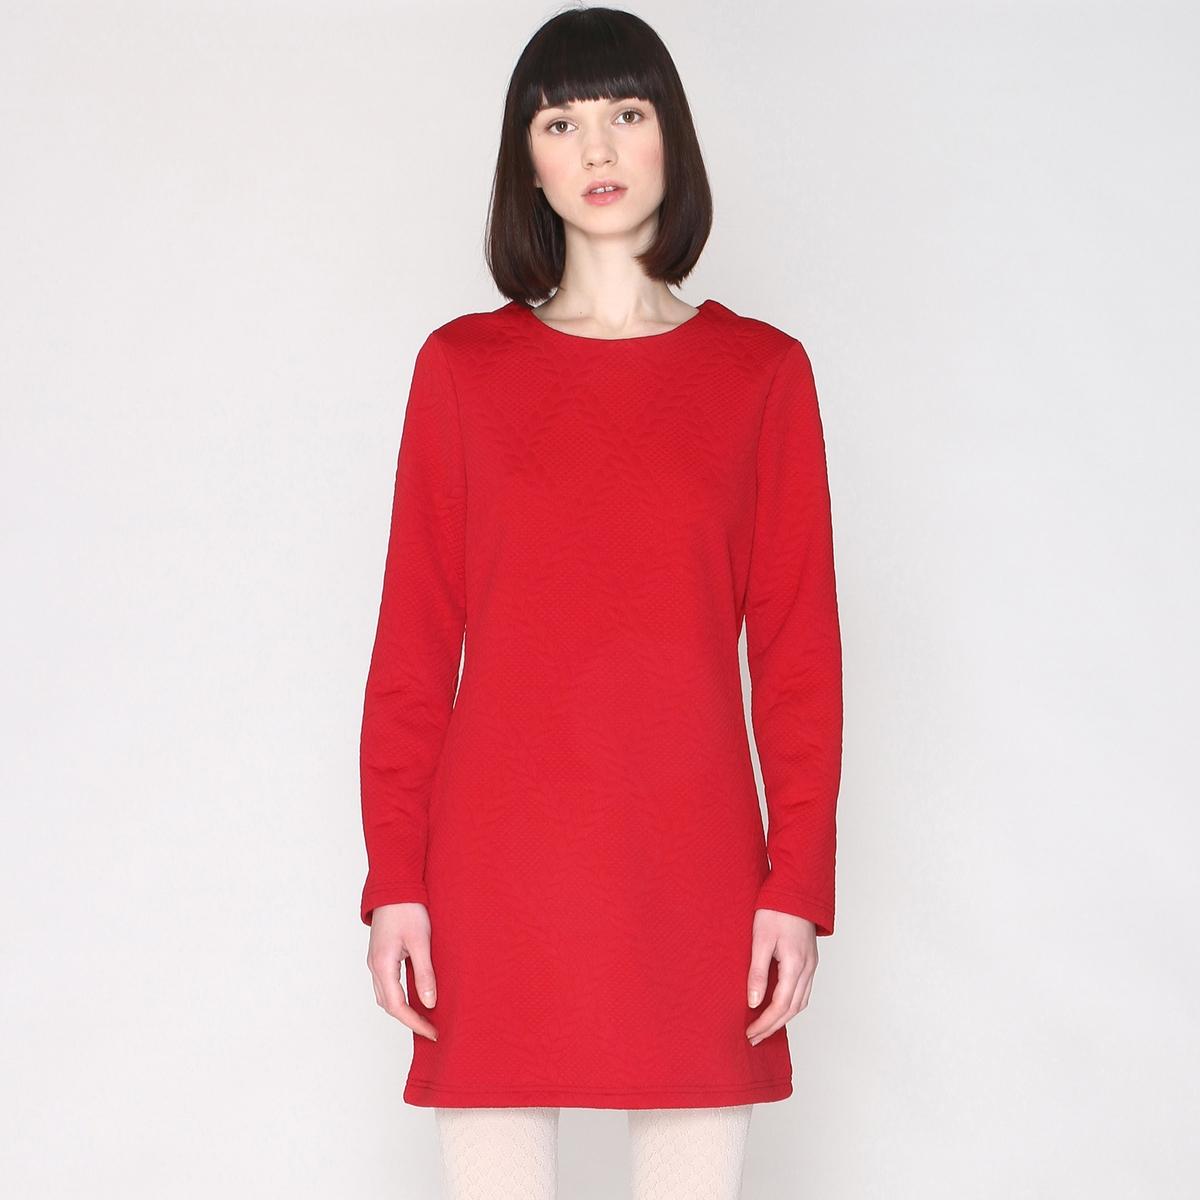 Платье прямое в стиле свитшота с длинными рукавами платье с короткими рукавами расклешенного покроя pepaloves dress cruz